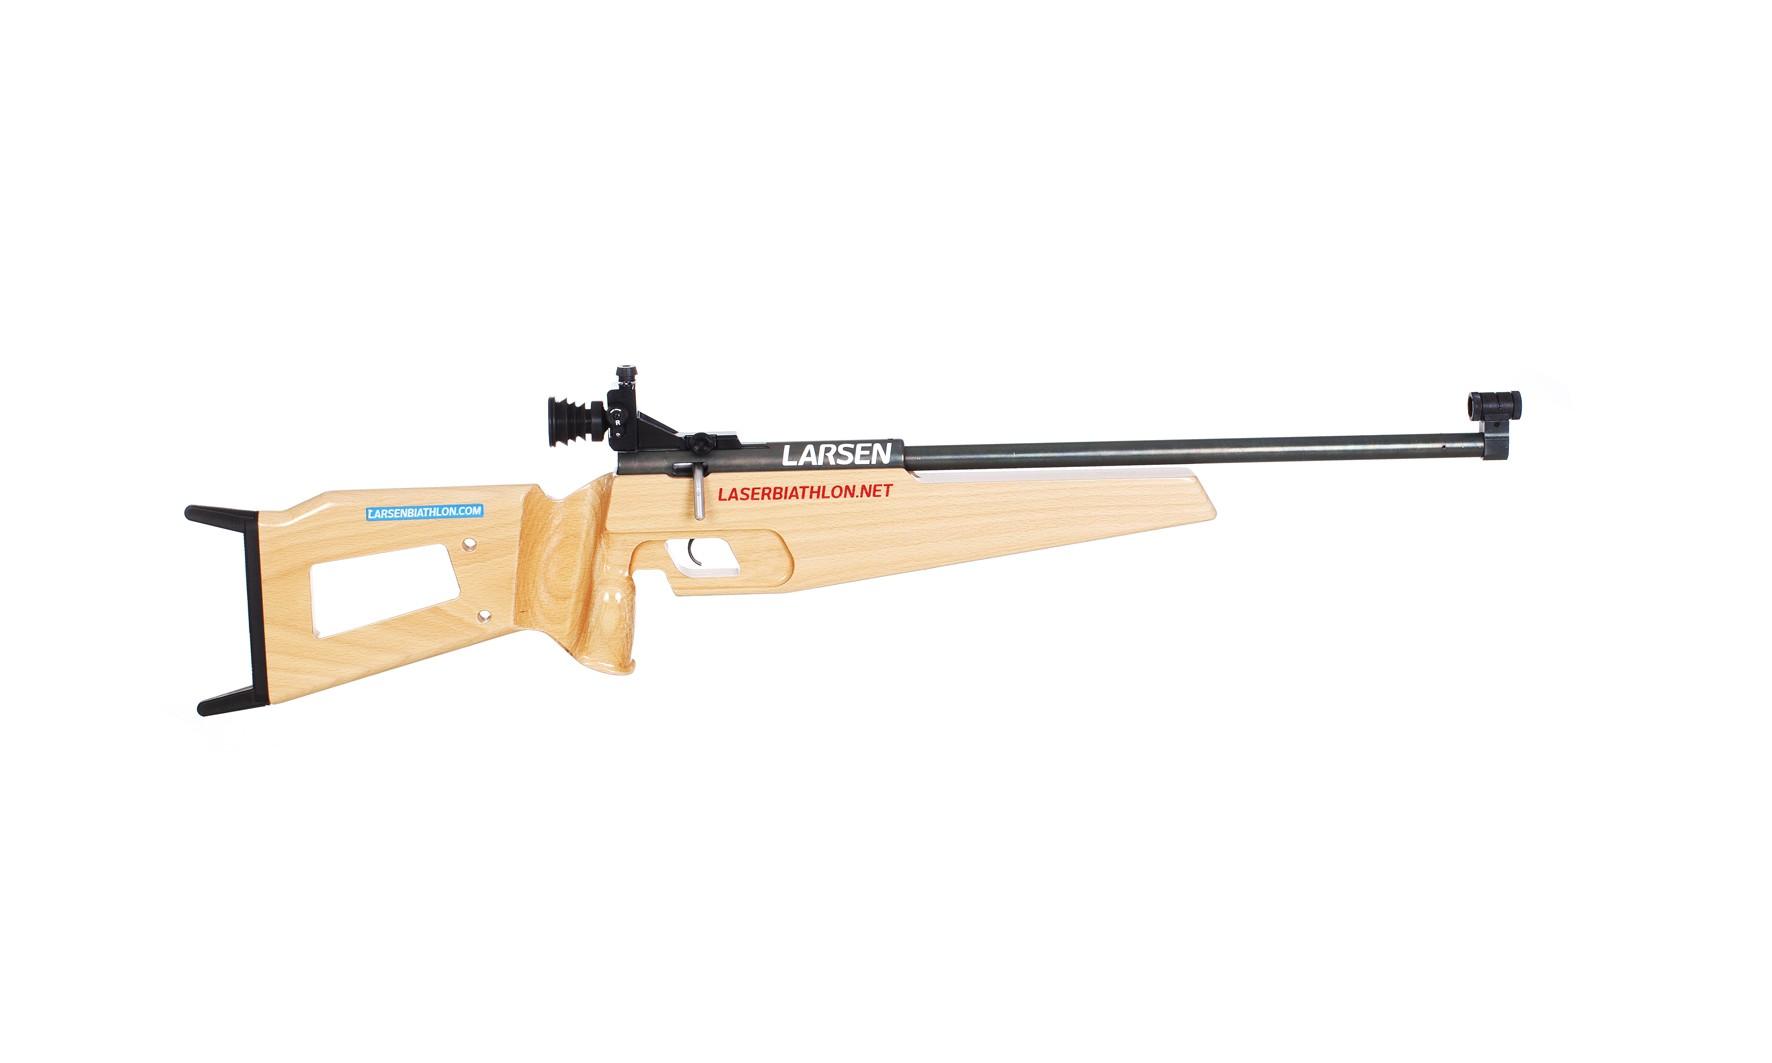 larsen laser rifle lasershooting